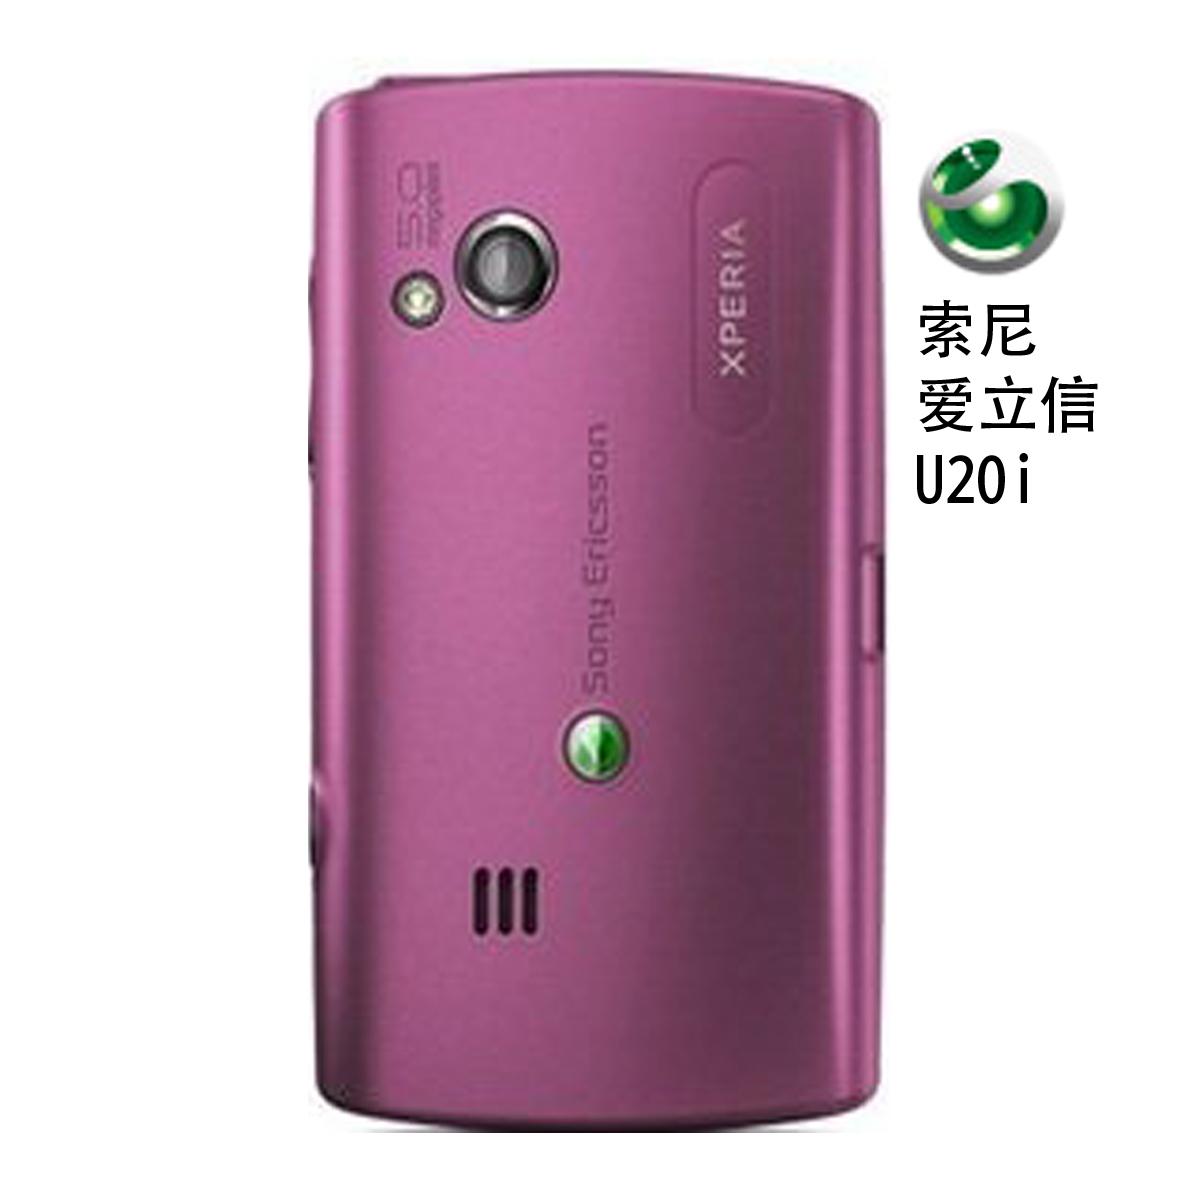 Мобильный телефон Sony Ericsson U20i/X10mini Pro Android / Эндрюс Емкостный сенсорный экран 2.0 дюйма 128 Мб